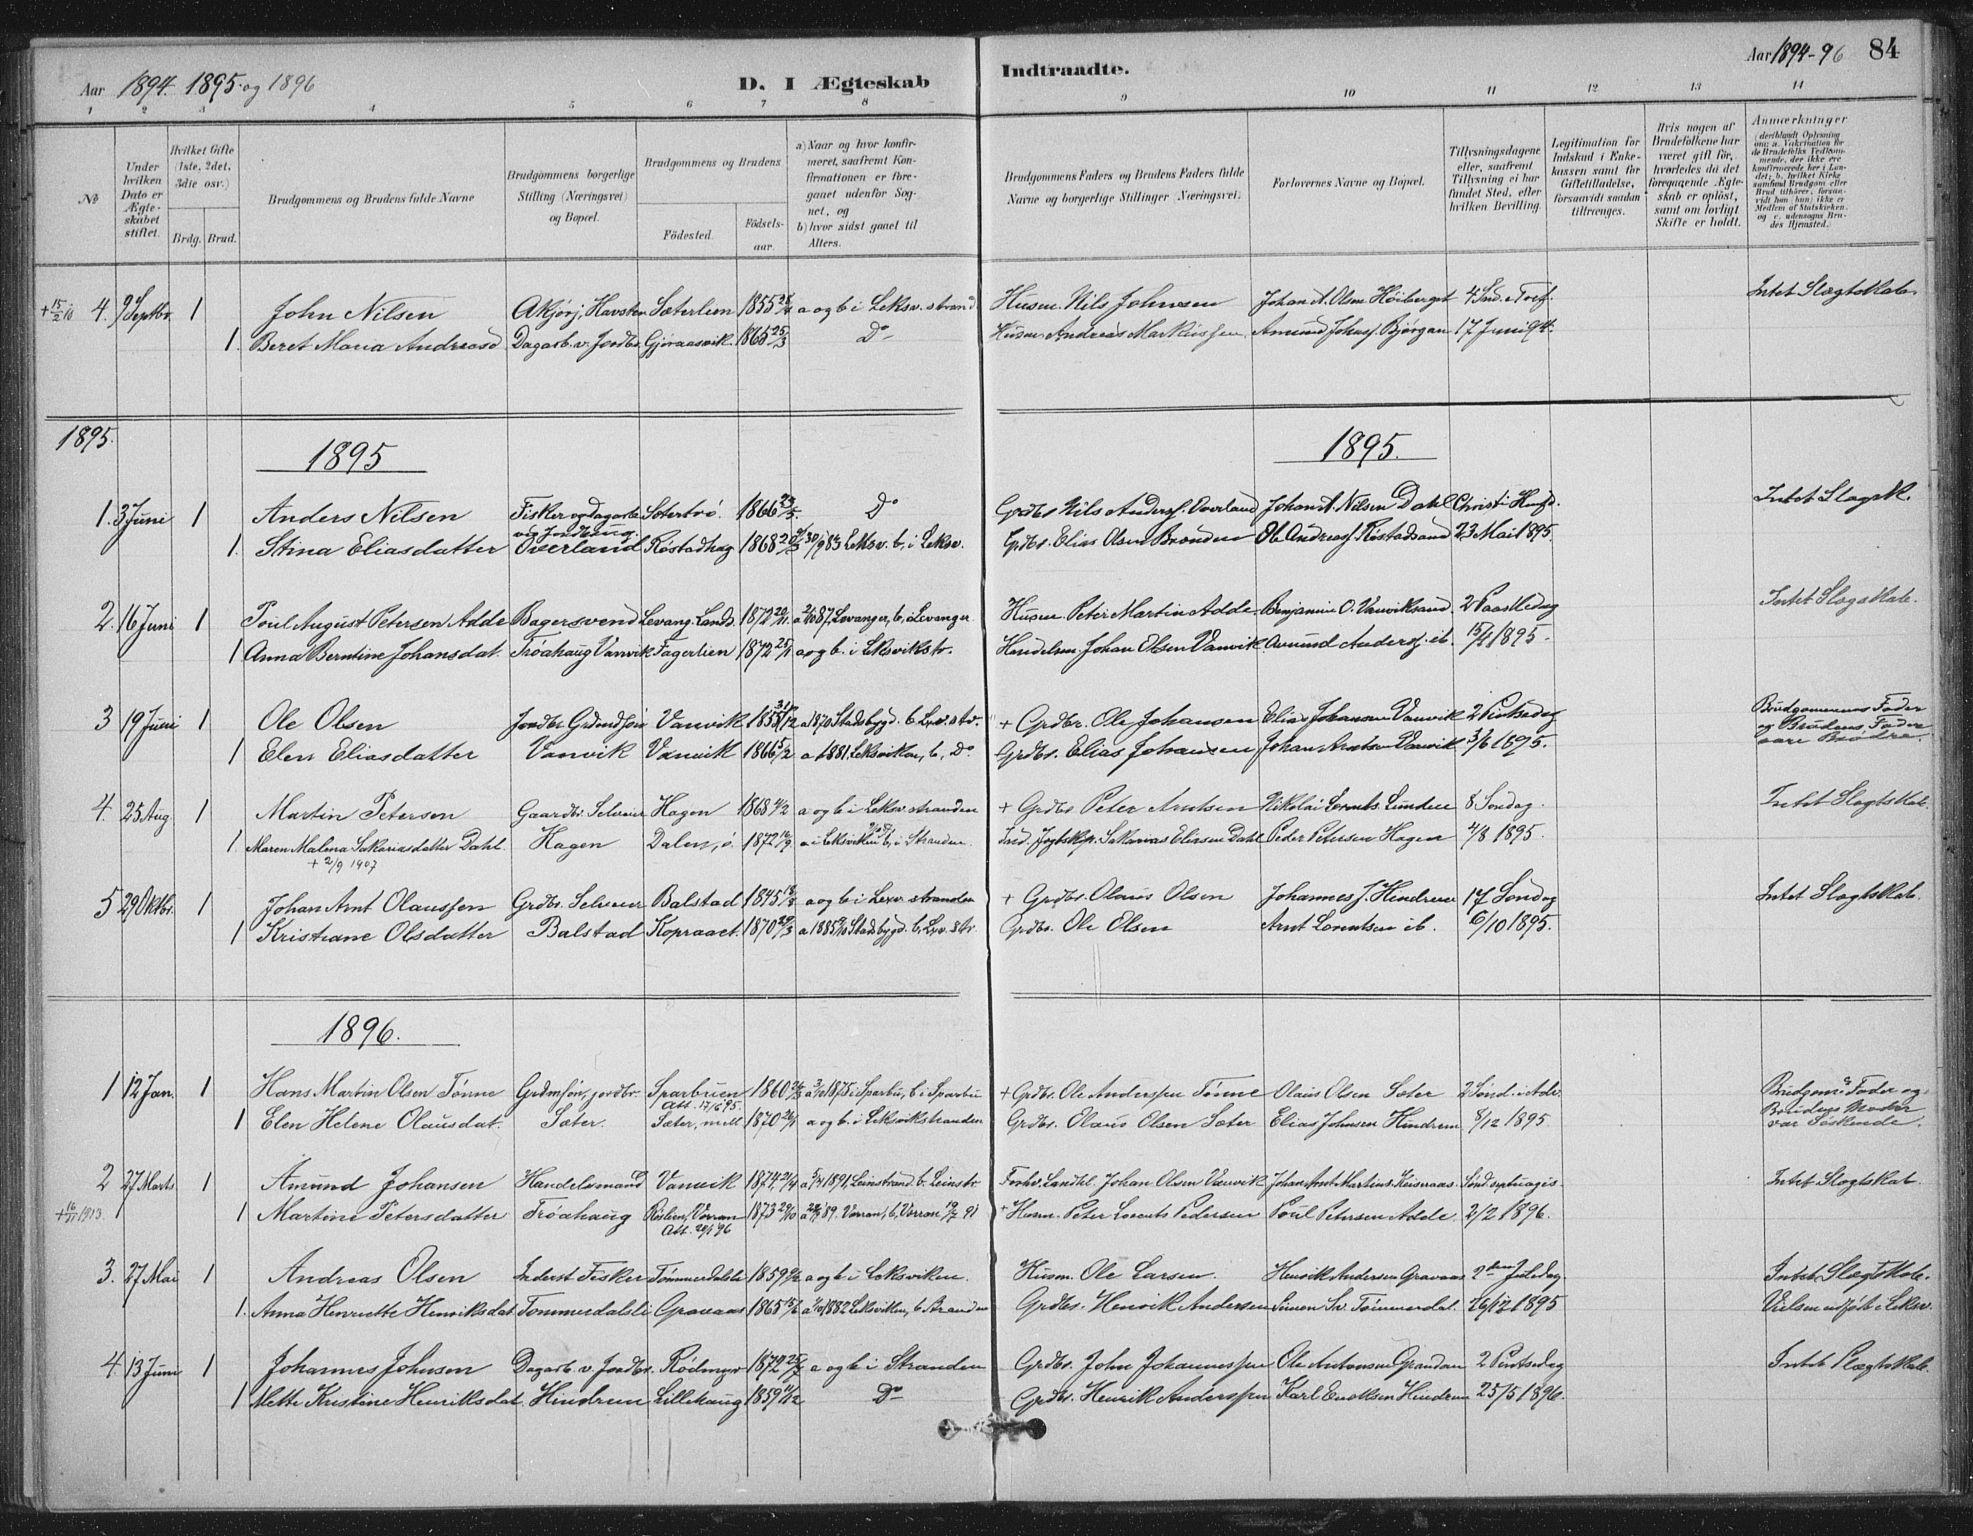 SAT, Ministerialprotokoller, klokkerbøker og fødselsregistre - Nord-Trøndelag, 702/L0023: Ministerialbok nr. 702A01, 1883-1897, s. 84